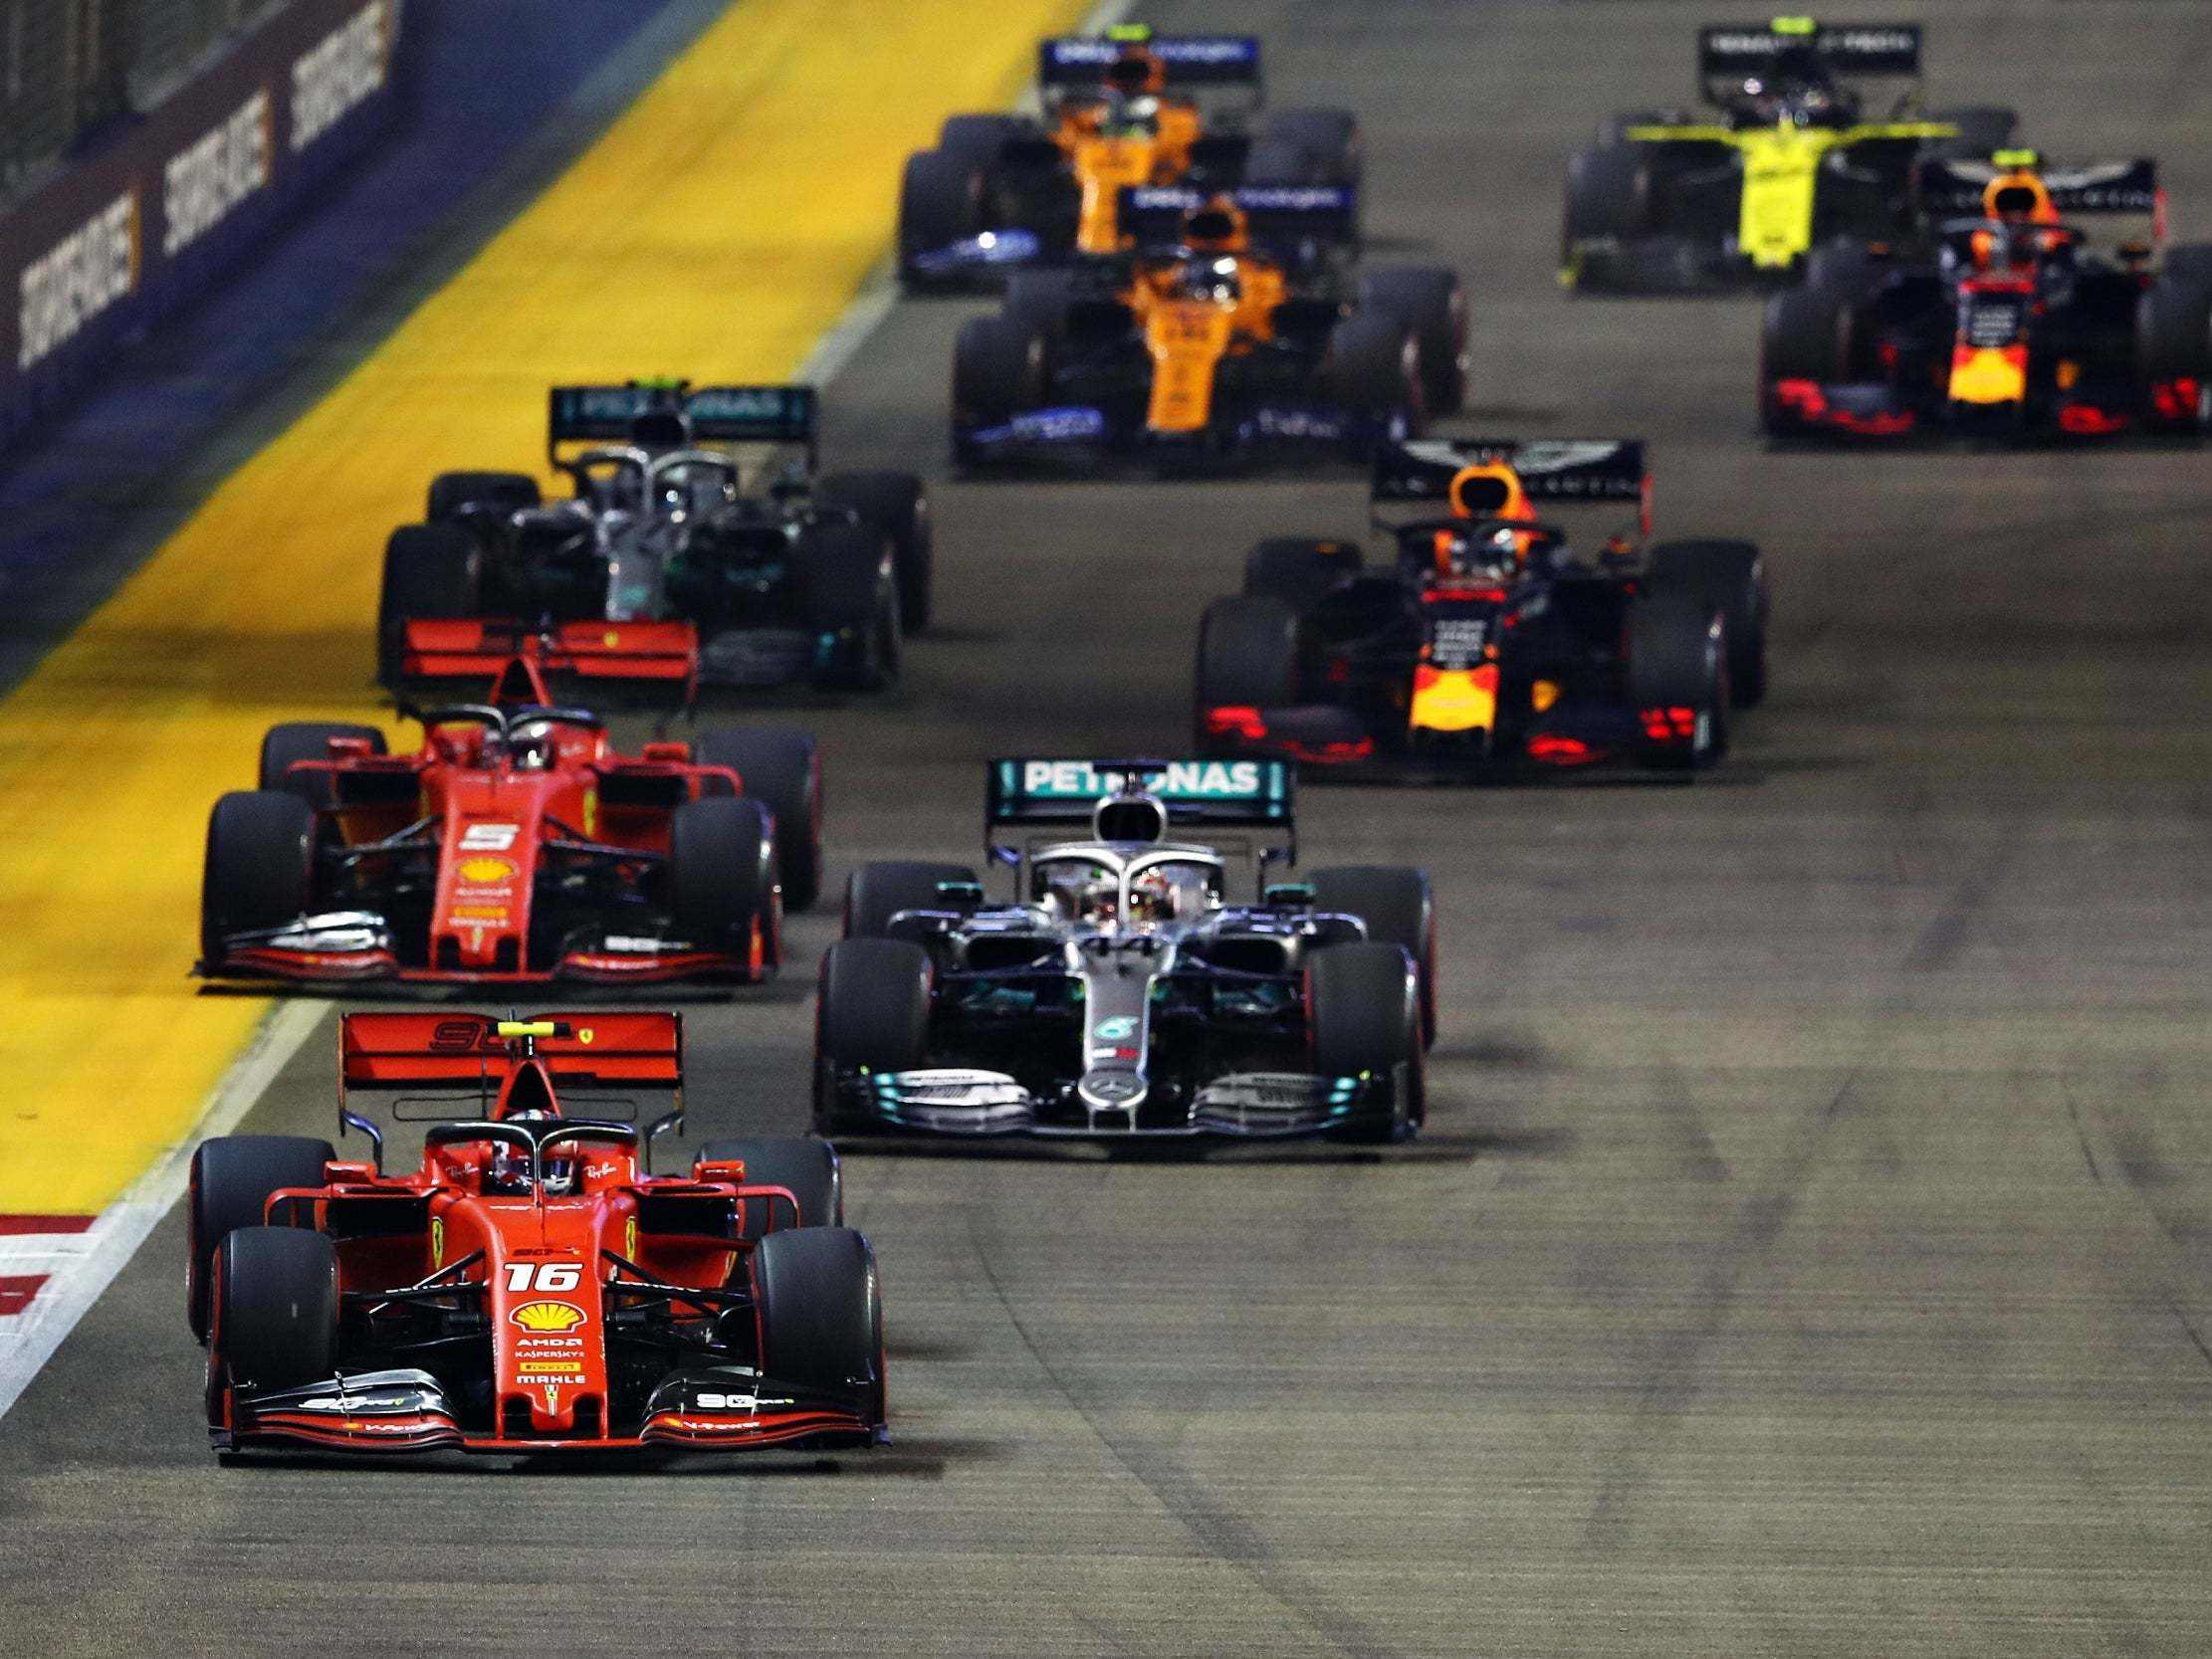 GP de Singapur 2019 5